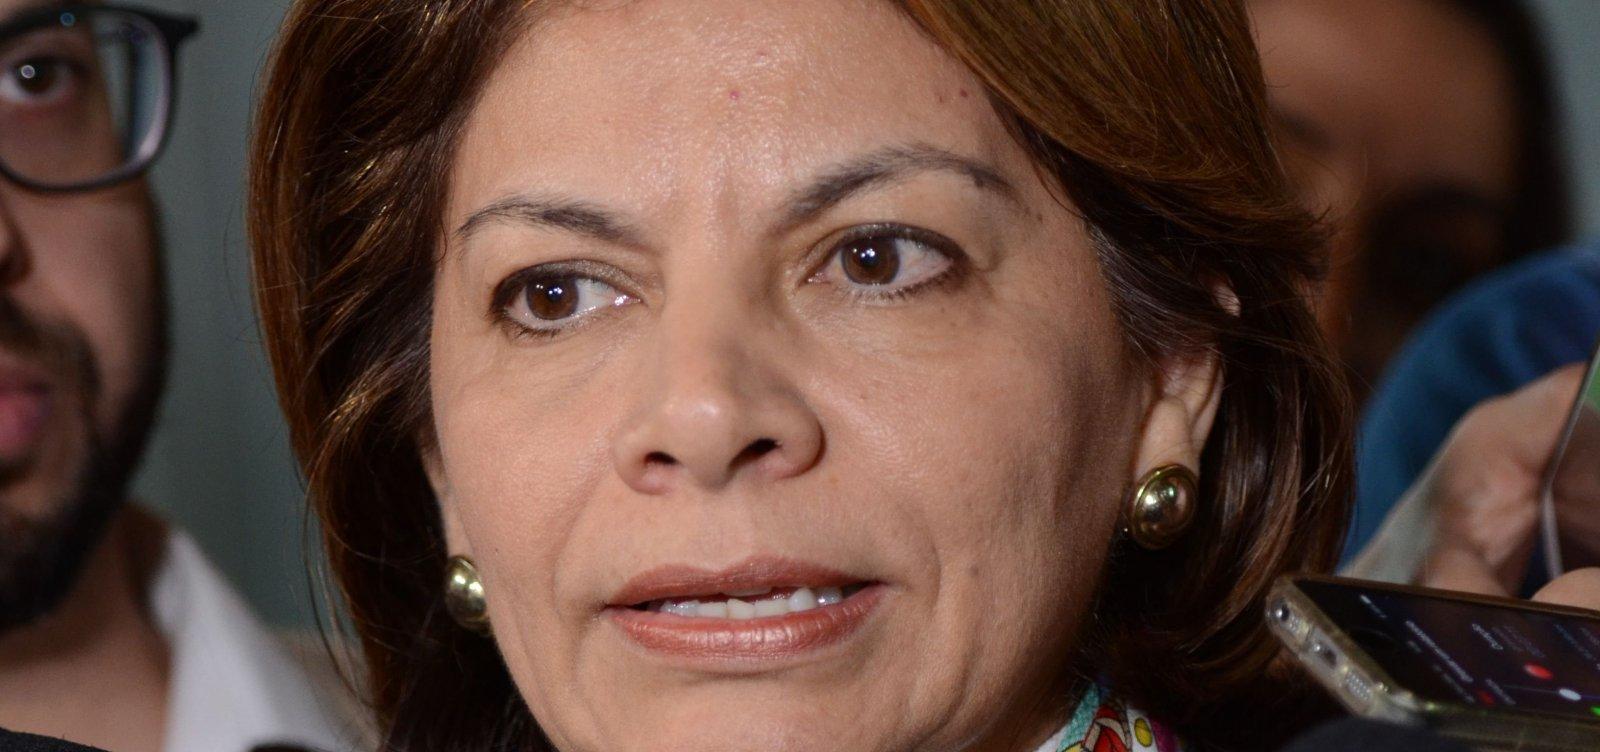 OEA se diz 'impressionada positivamente' com eleição brasileira